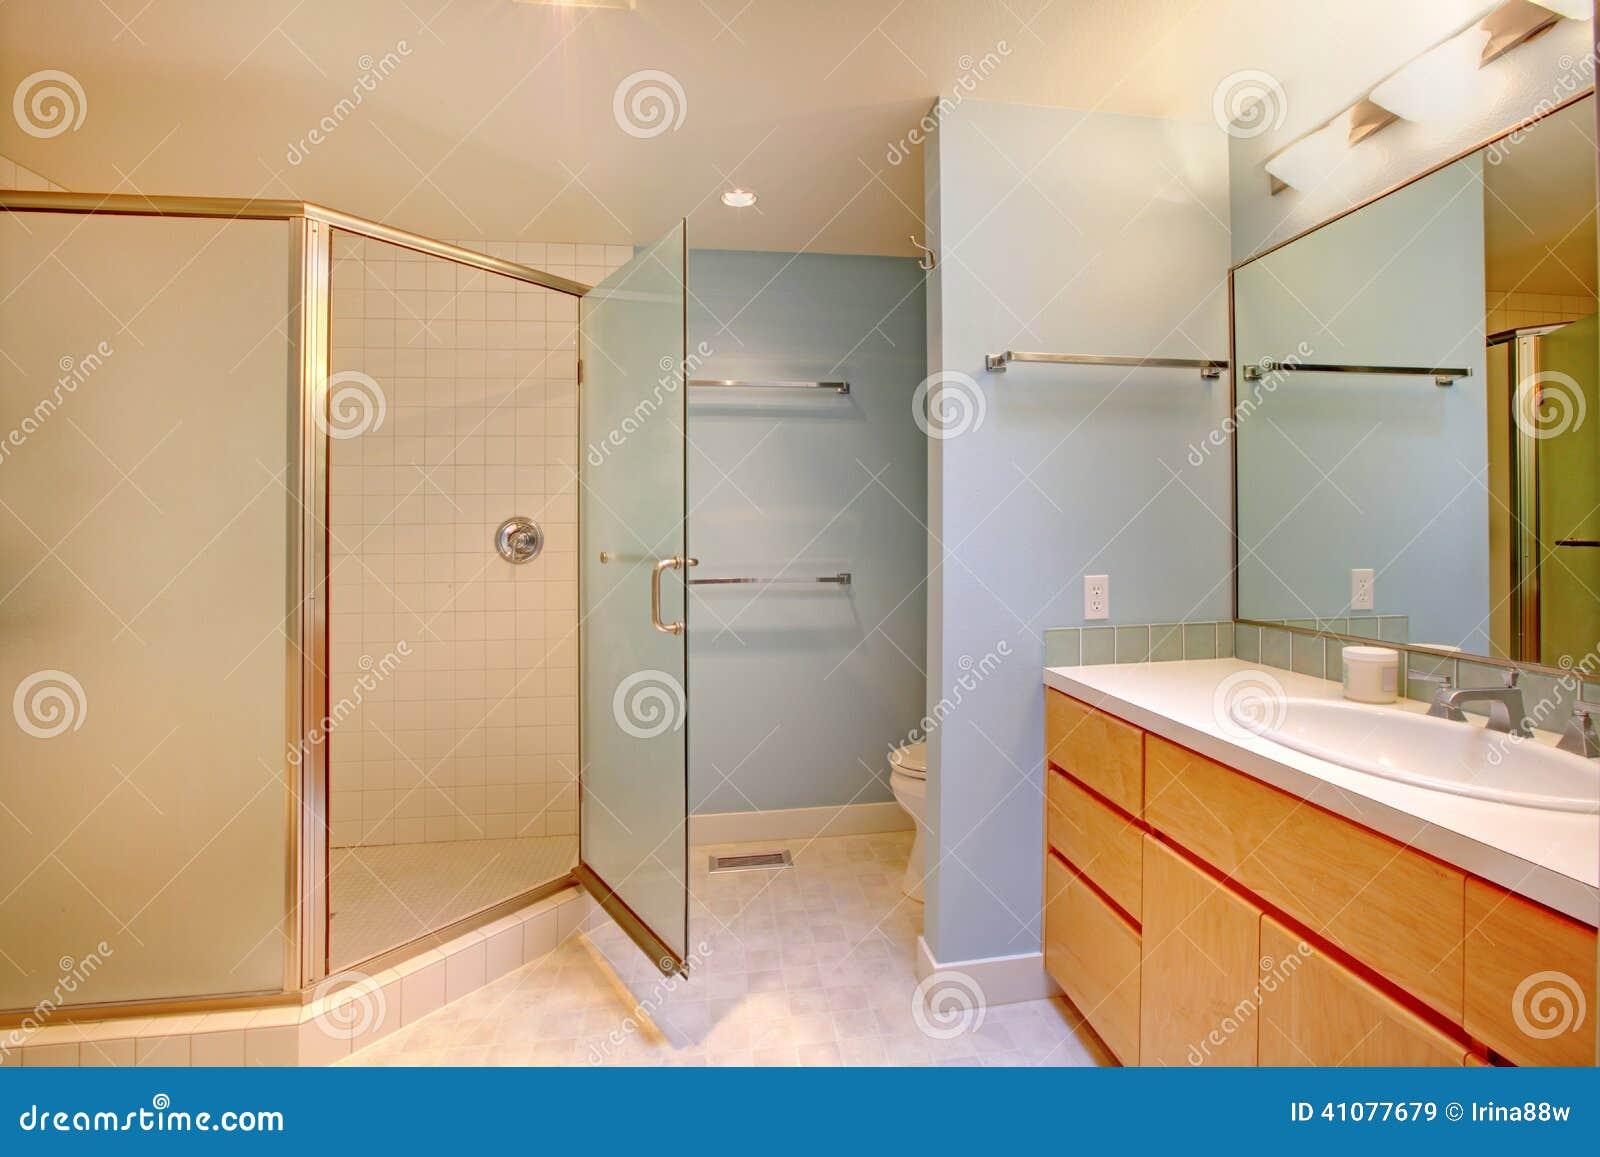 Cuarto de ba o con la ducha de cristal de la puerta foto - Cuarto de bano con ducha ...